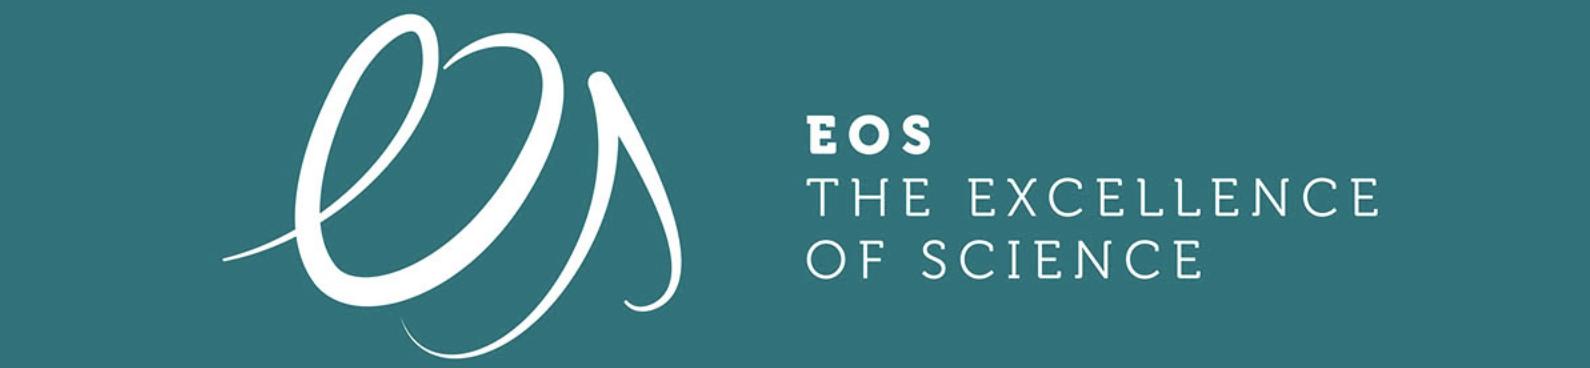 eos-banner